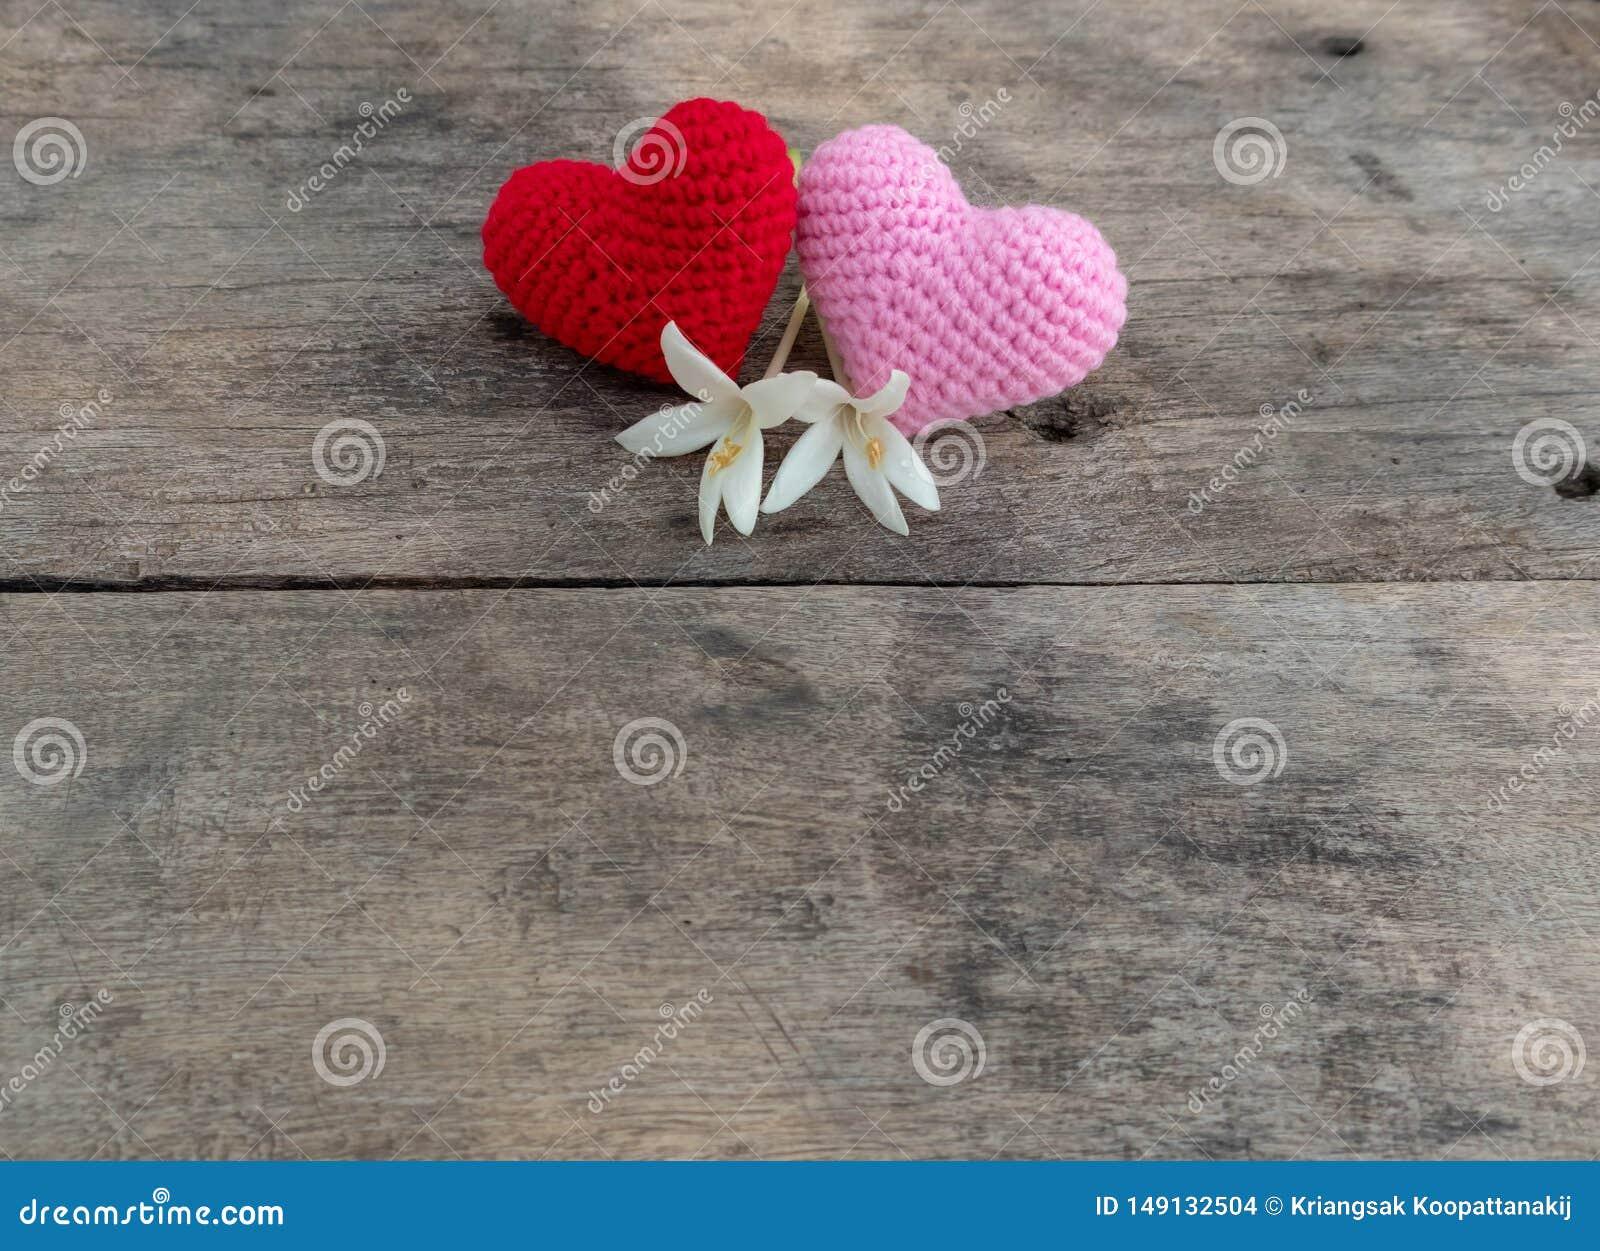 Cora??es nitting vermelhos e cor-de-rosa com as flores na tabela de madeira